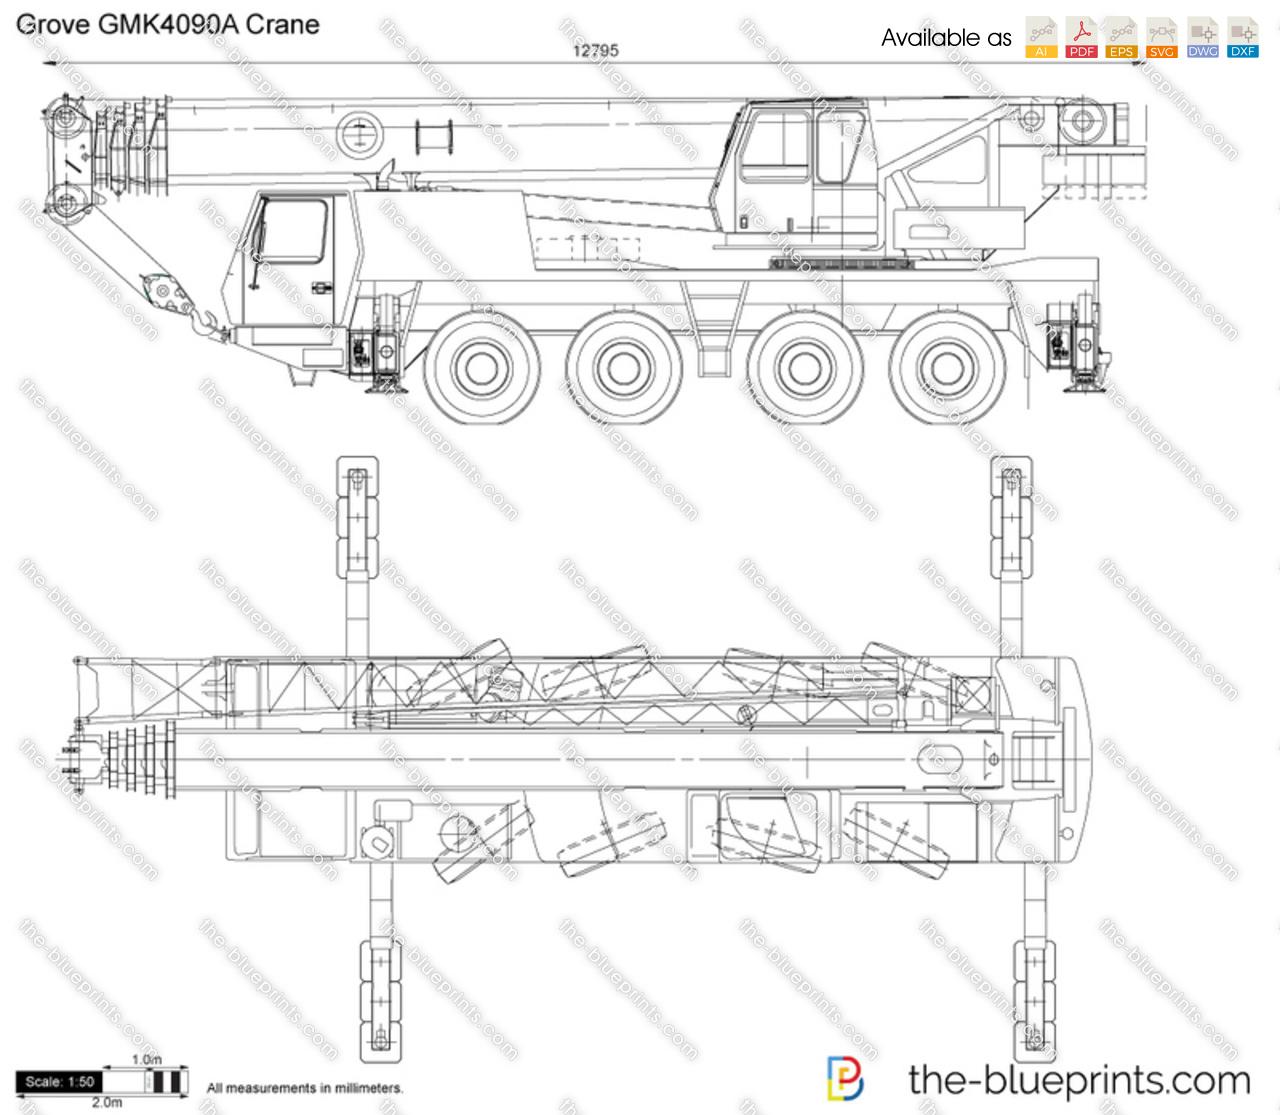 Grove GMK4090A Crane